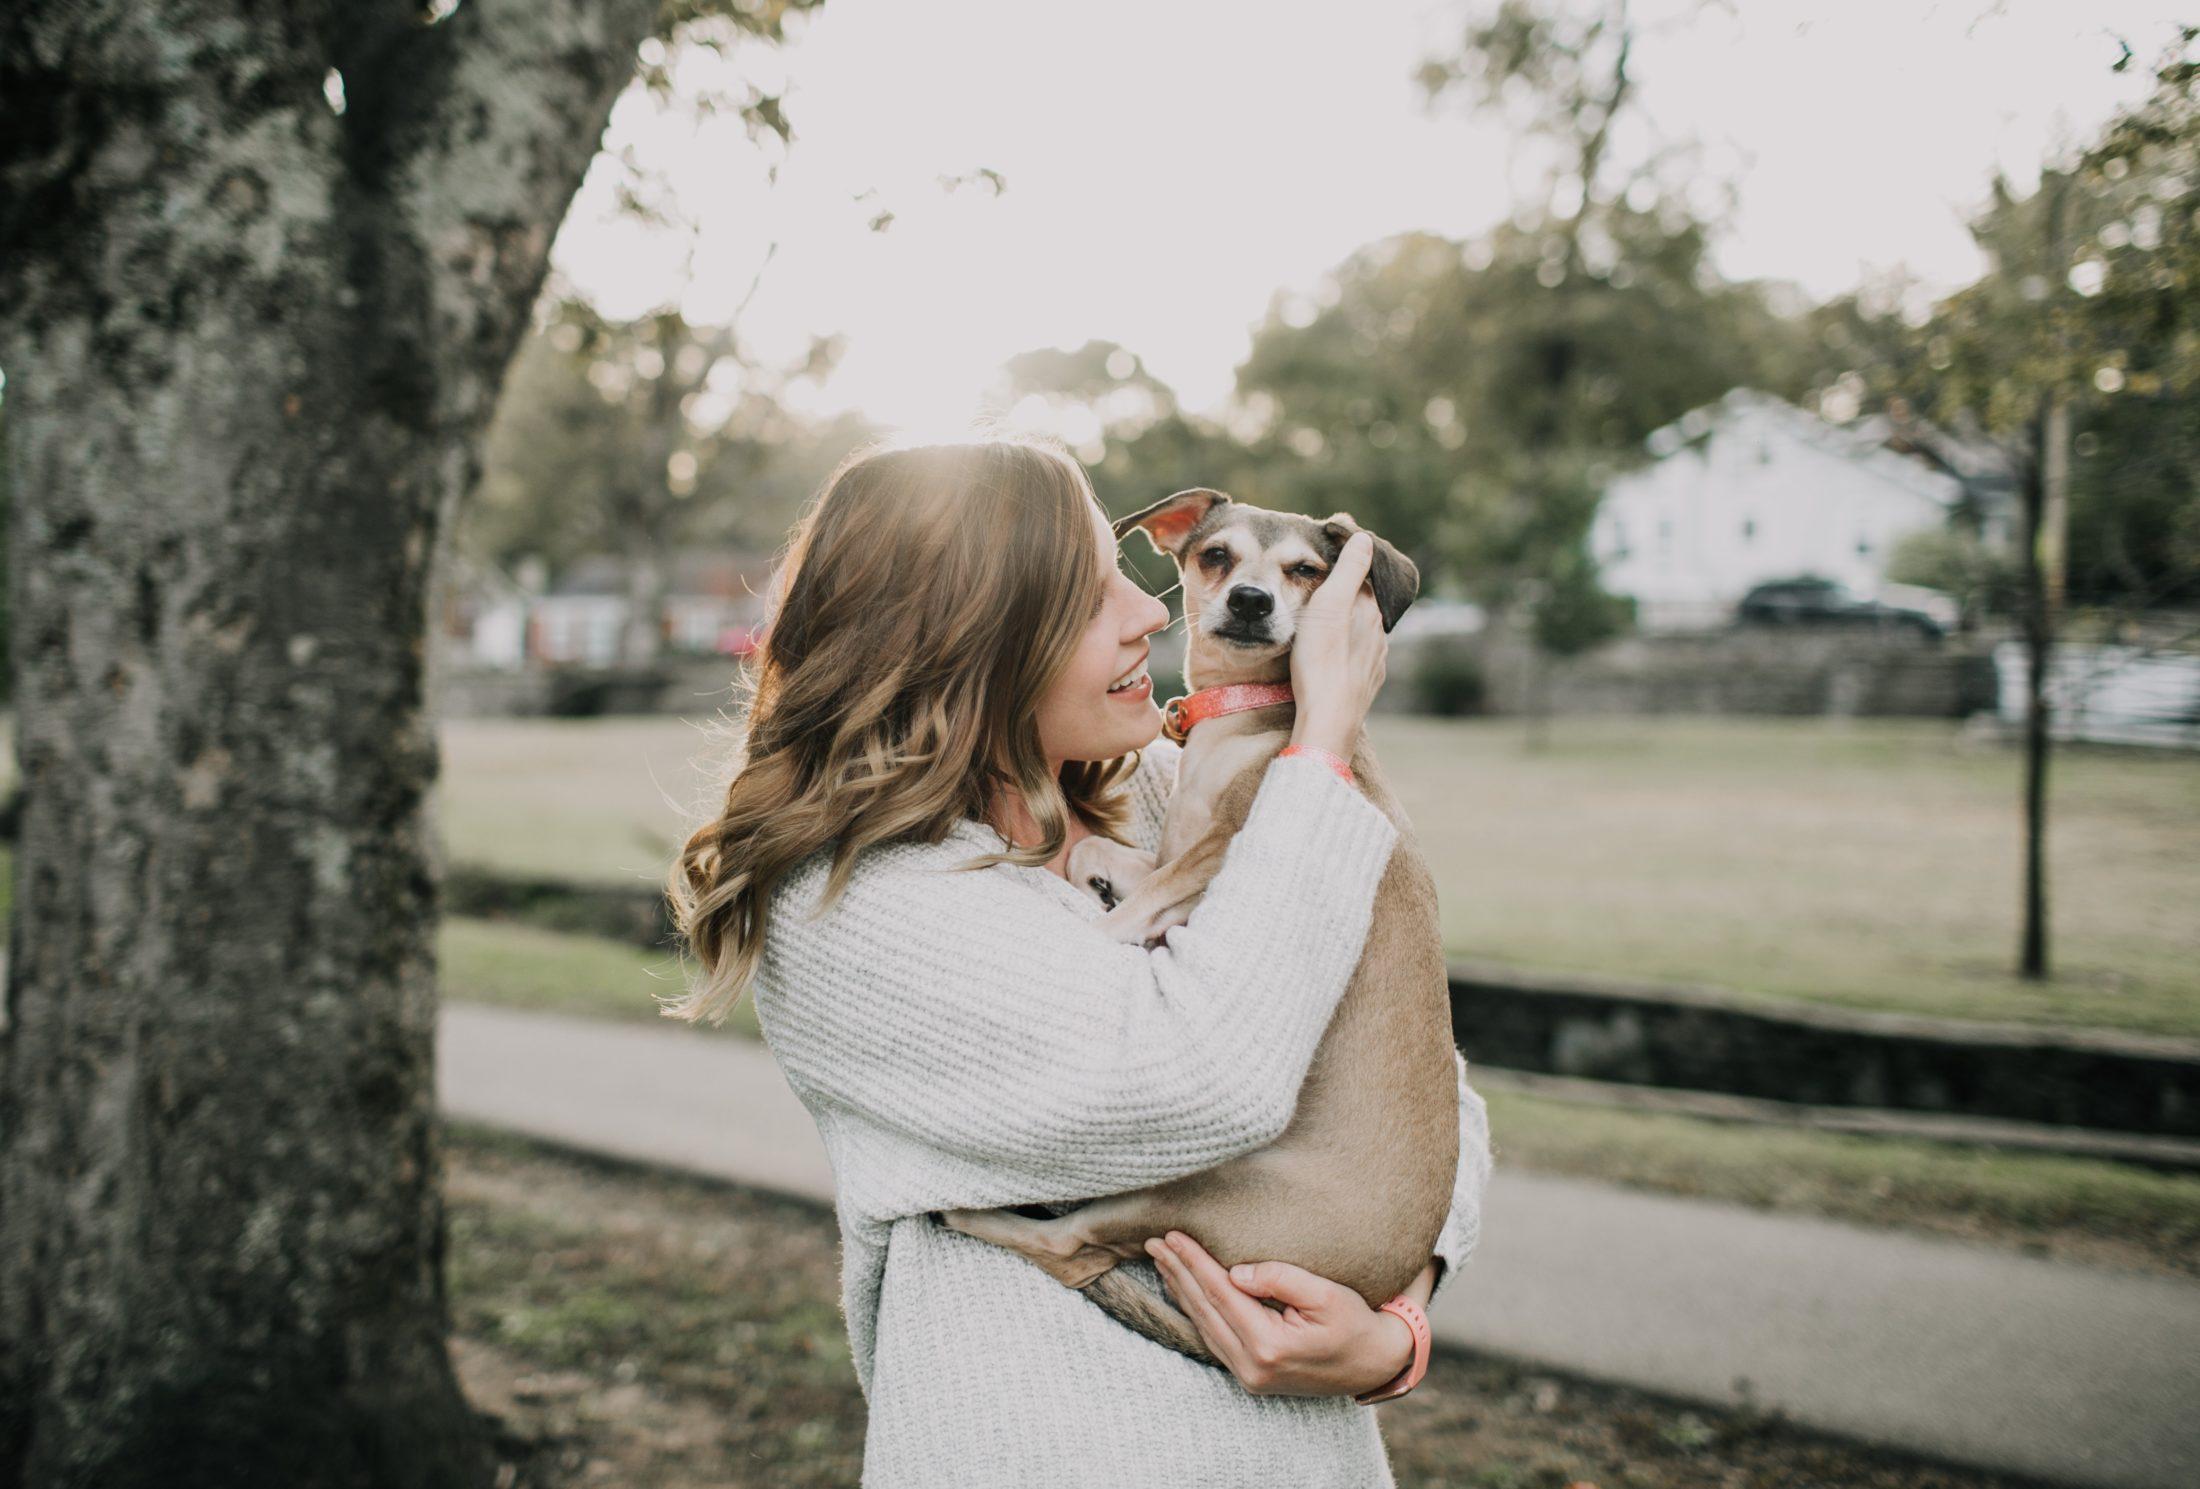 mulher com cachorro no colo retribuindo a devoção canina